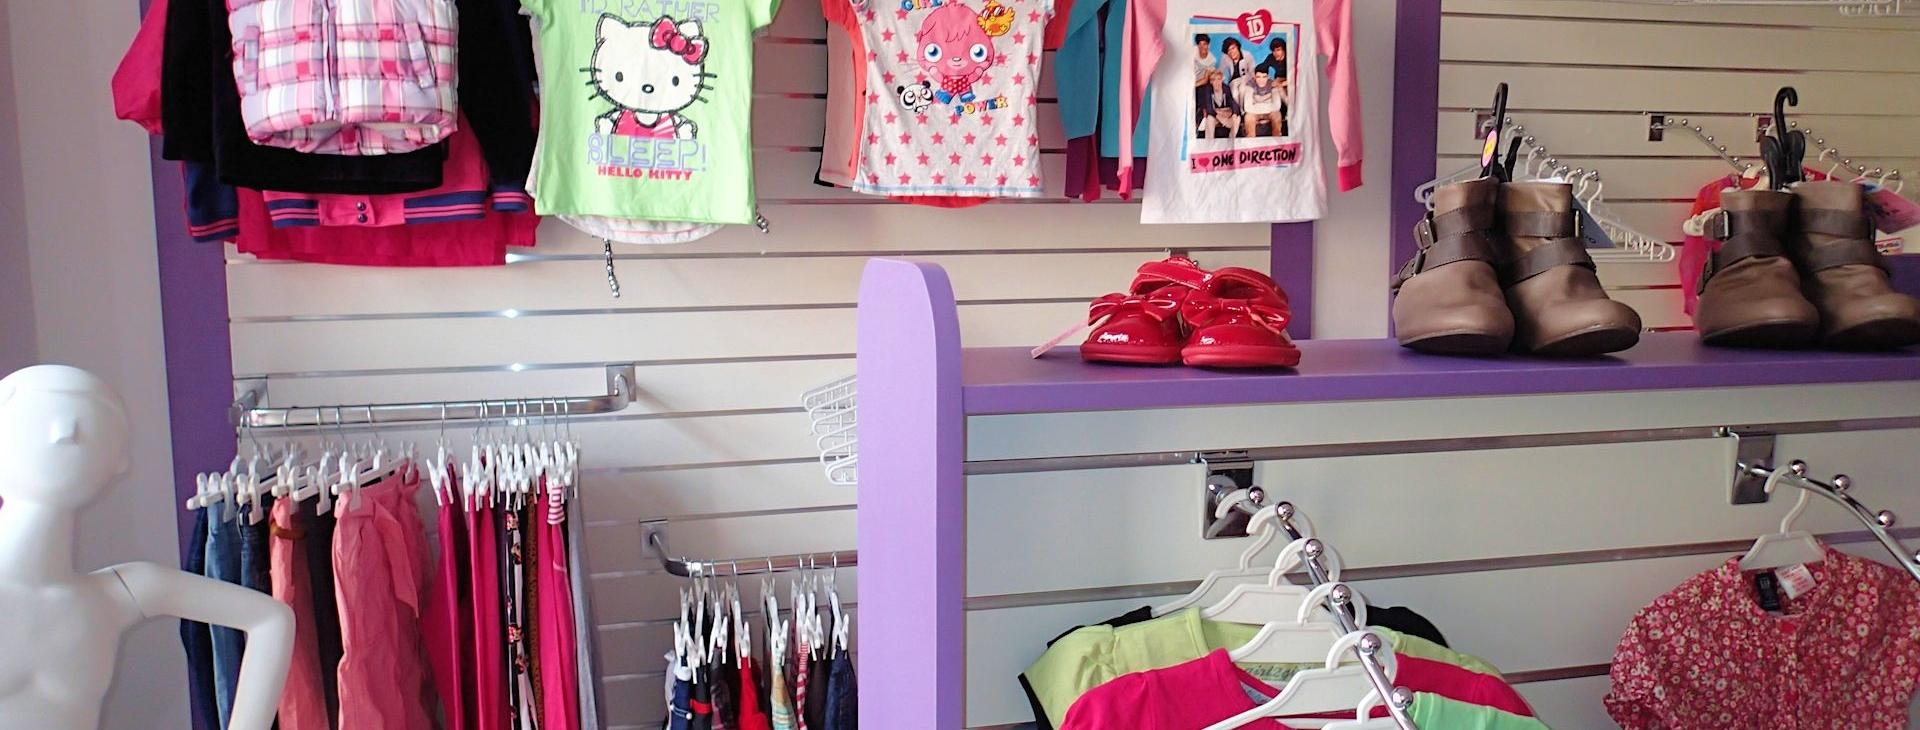 sklep dziecięcy